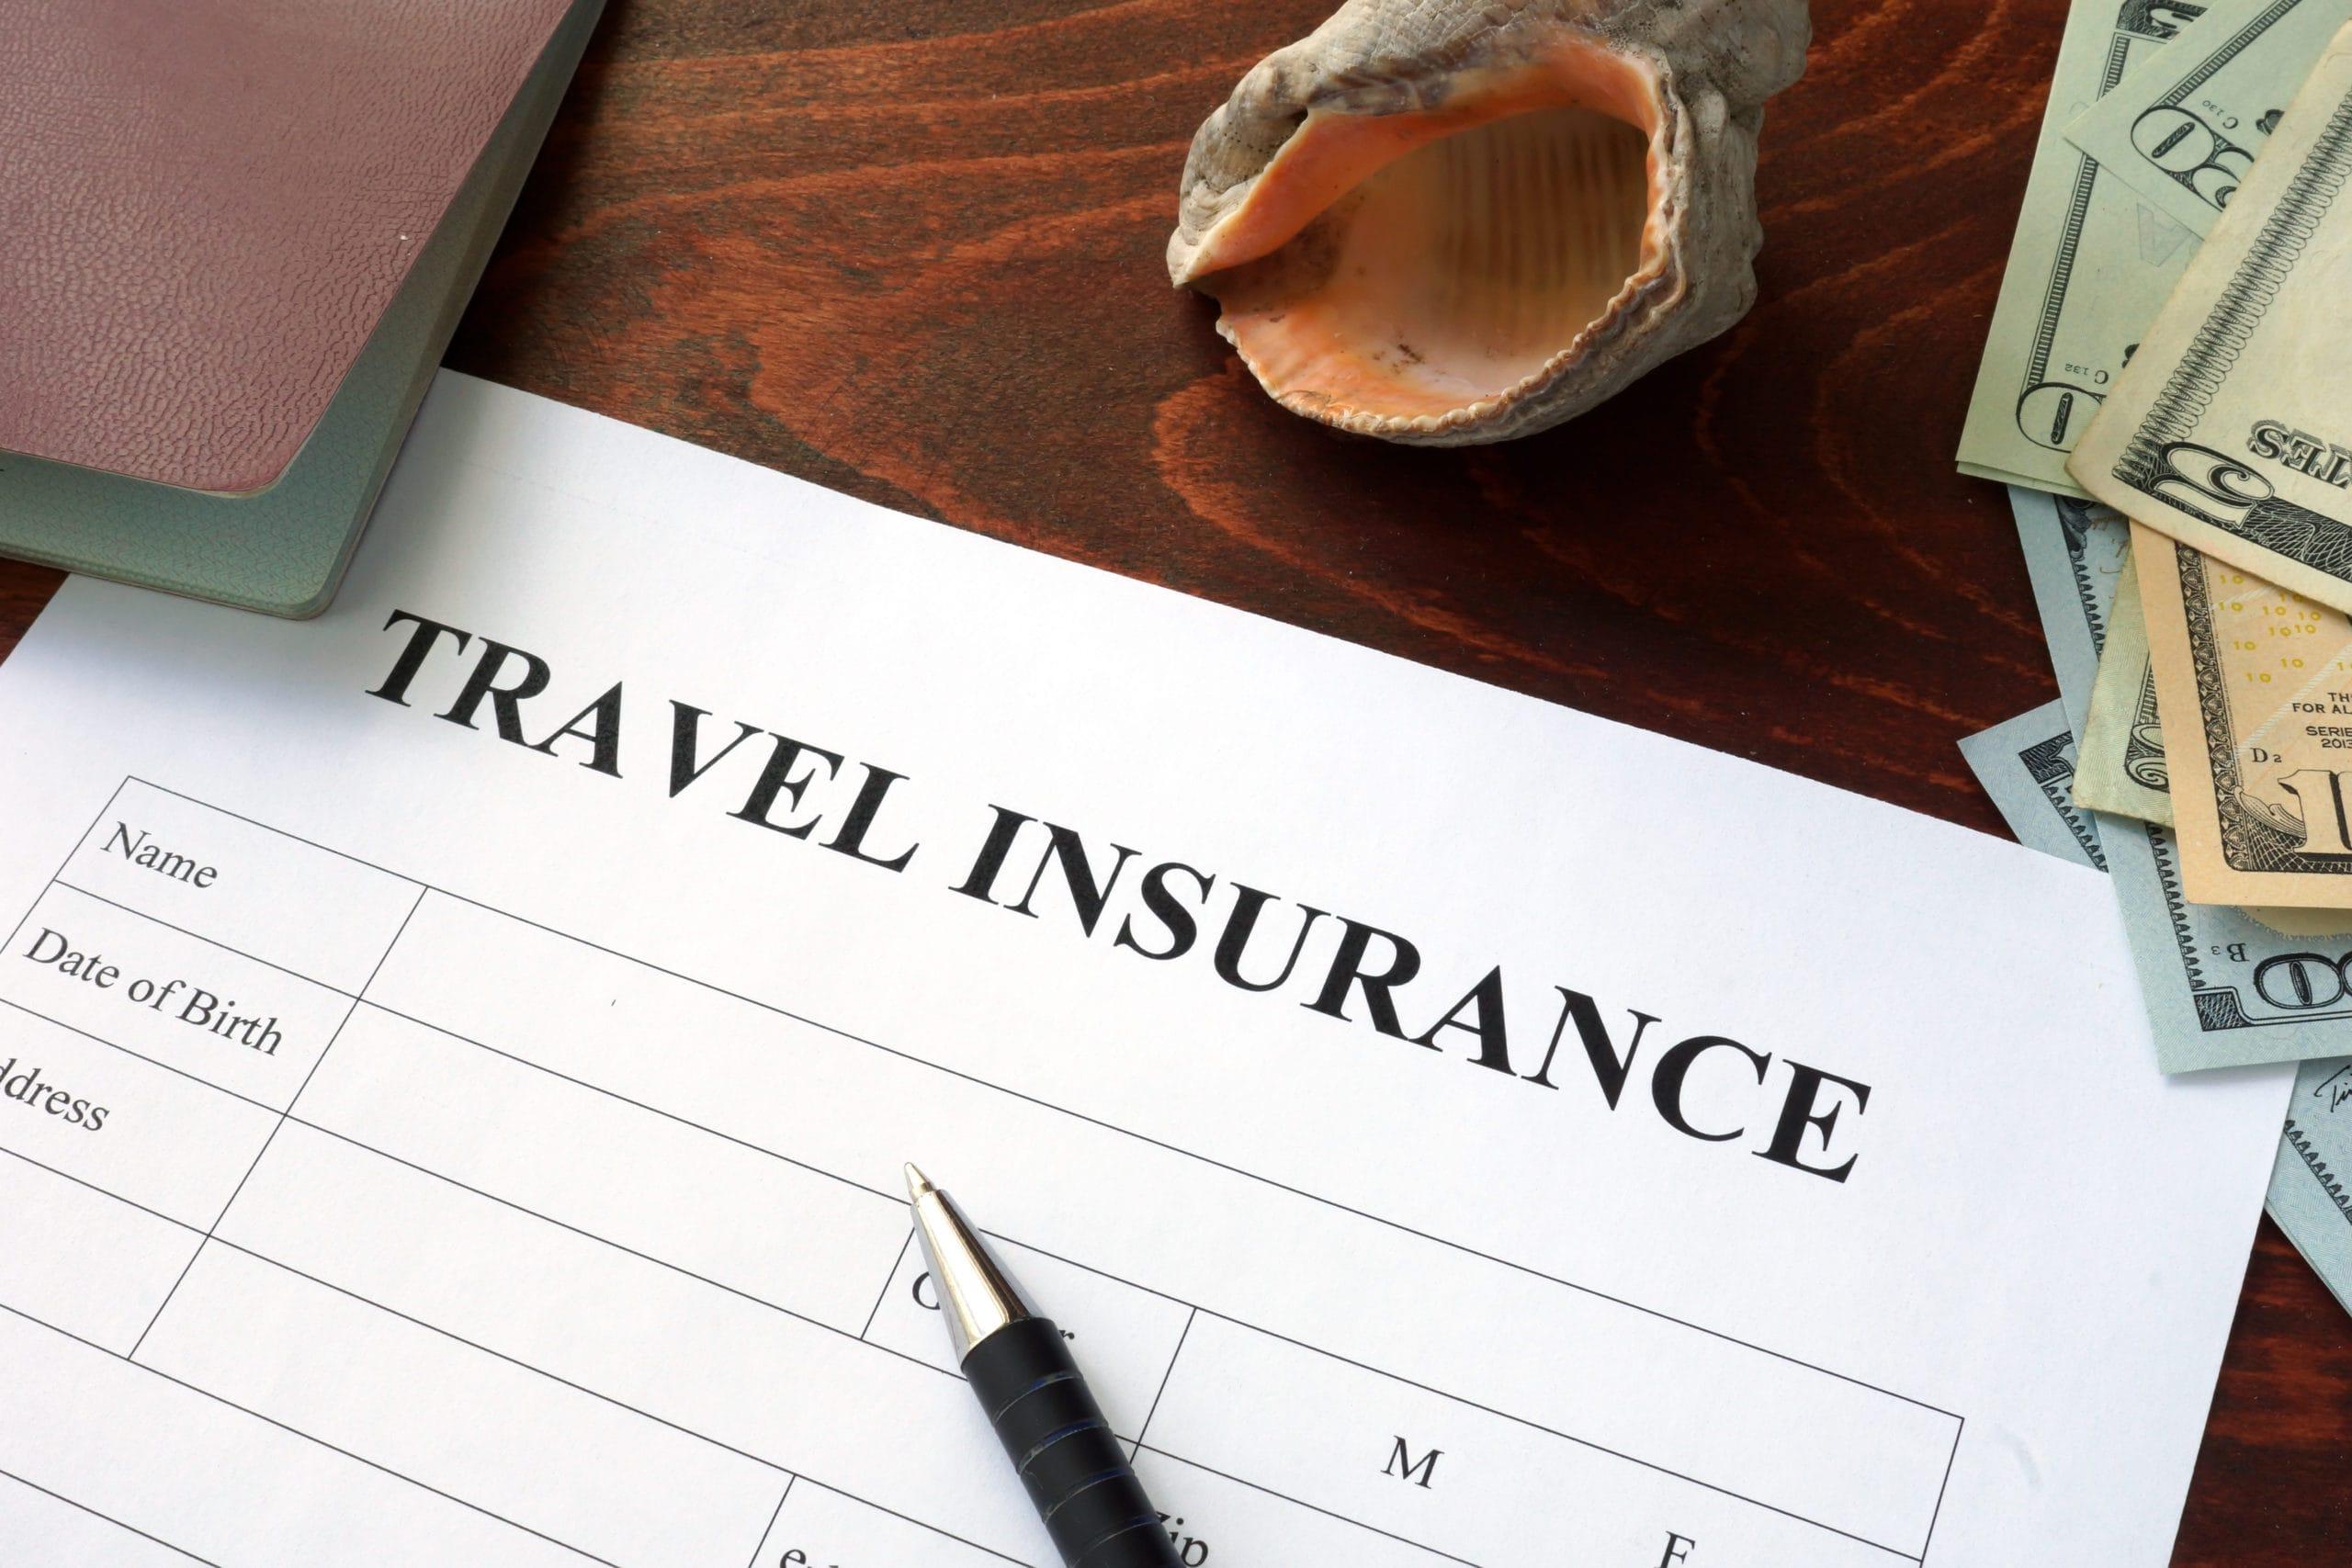 オーストラリア留学で入るべき保険とは?